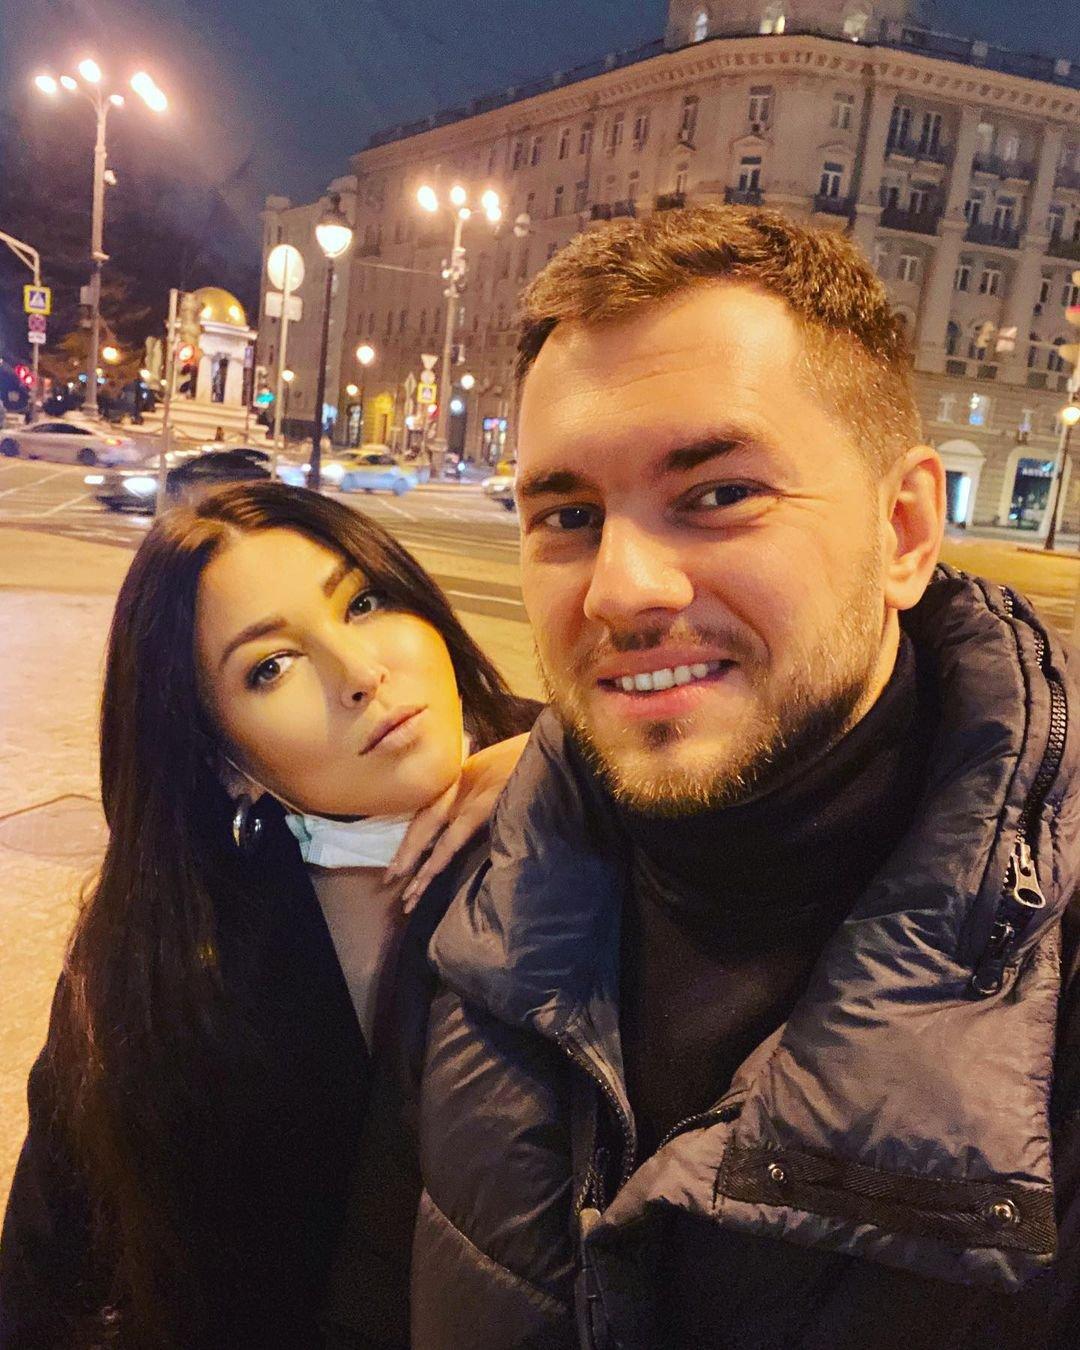 Ирина Дубцова была замечена с бывшим возлюбленным